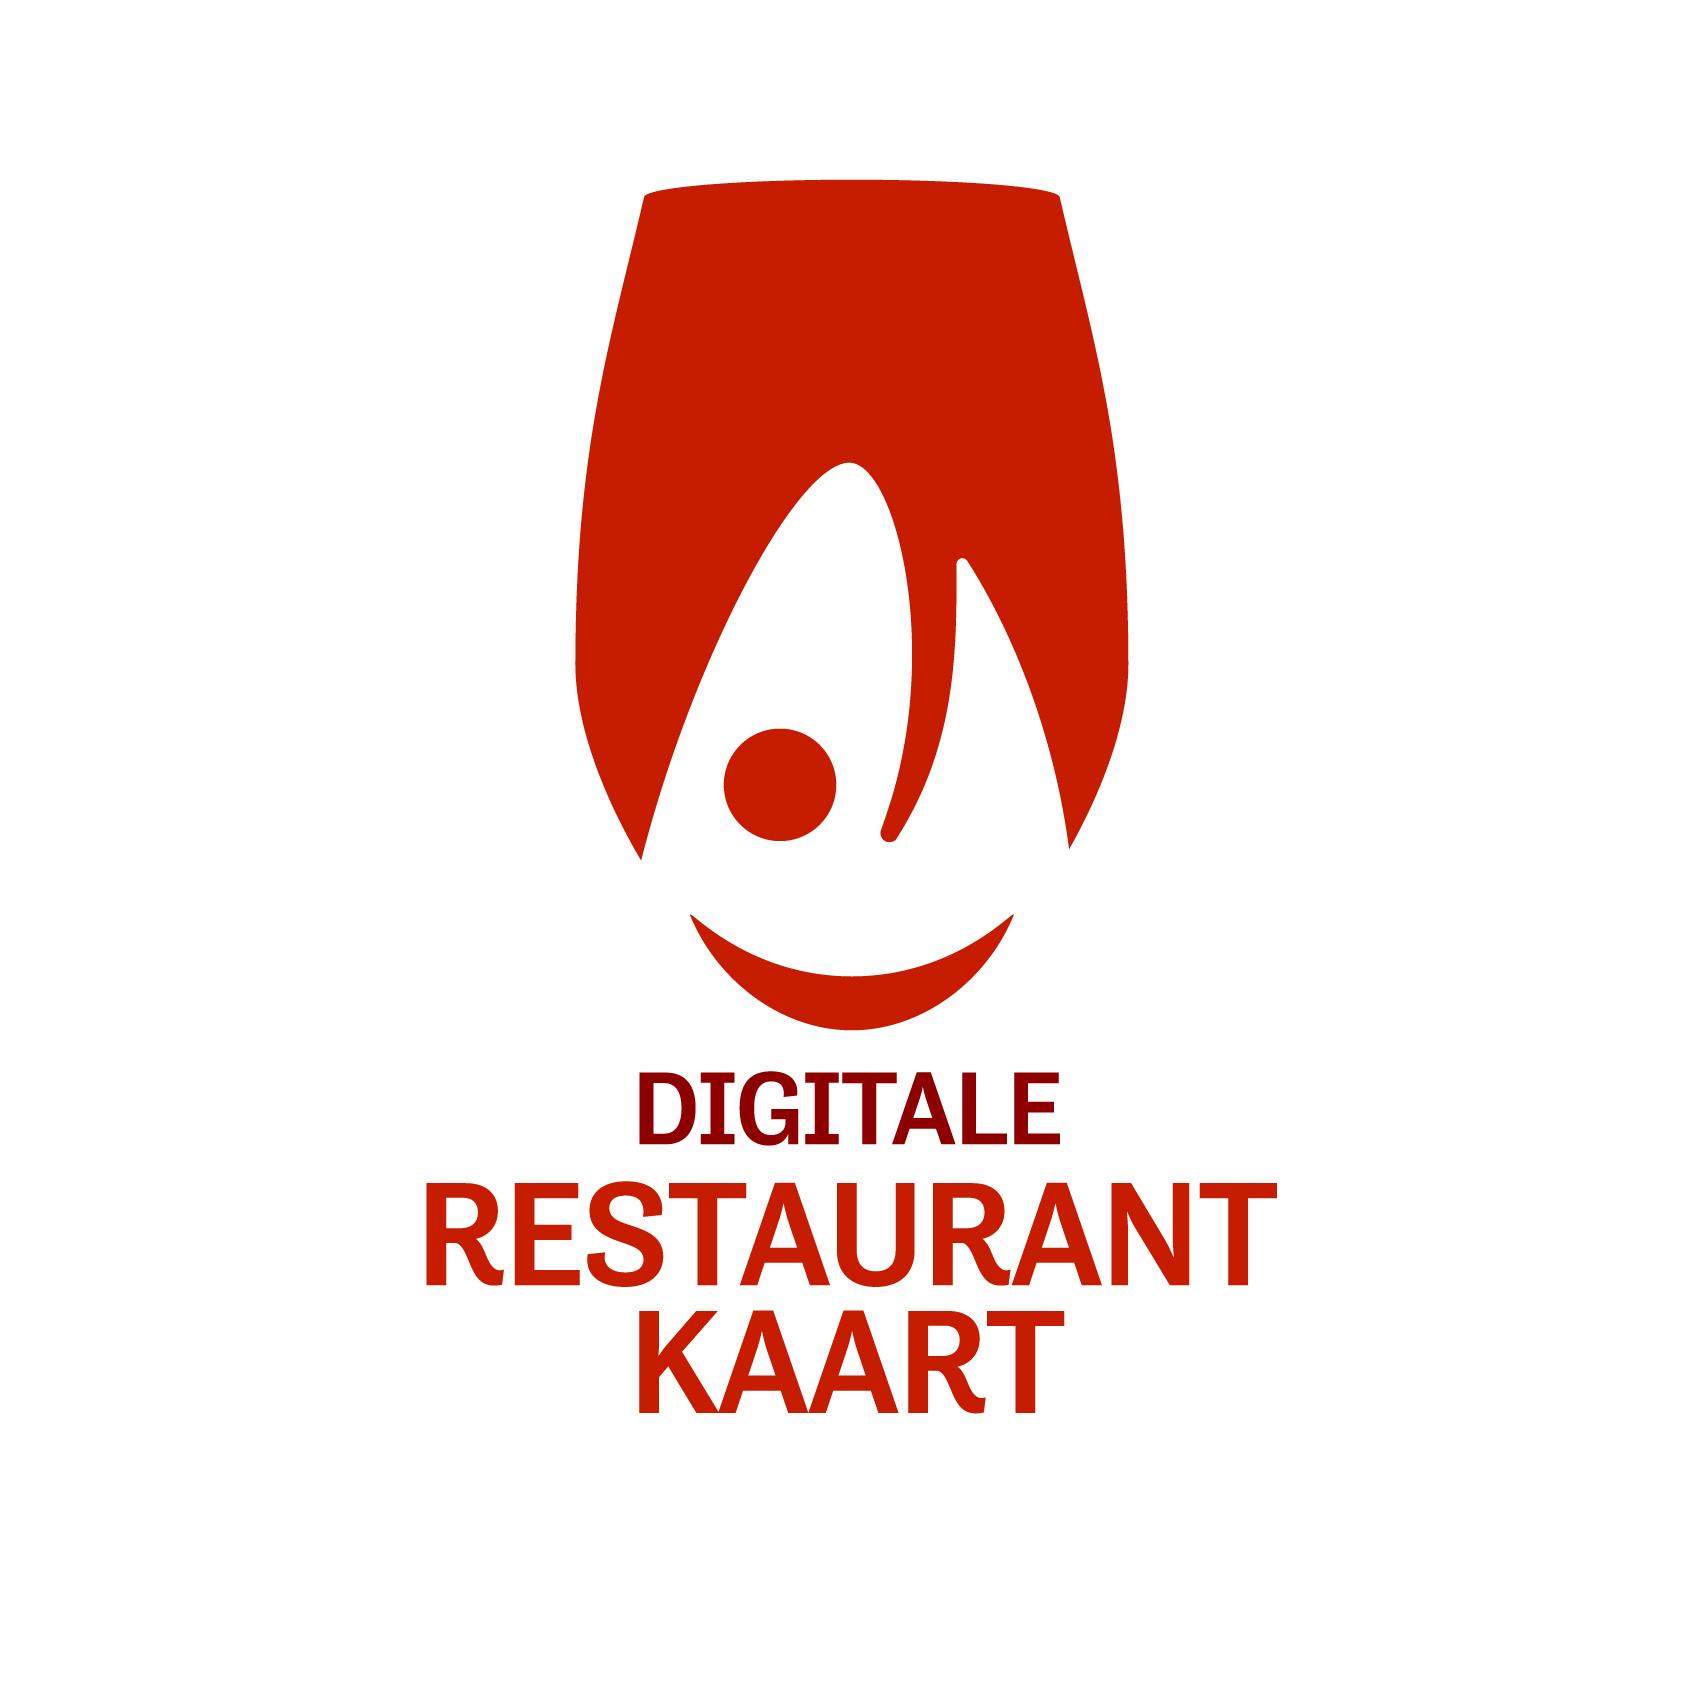 Digitale Restaurantkaart